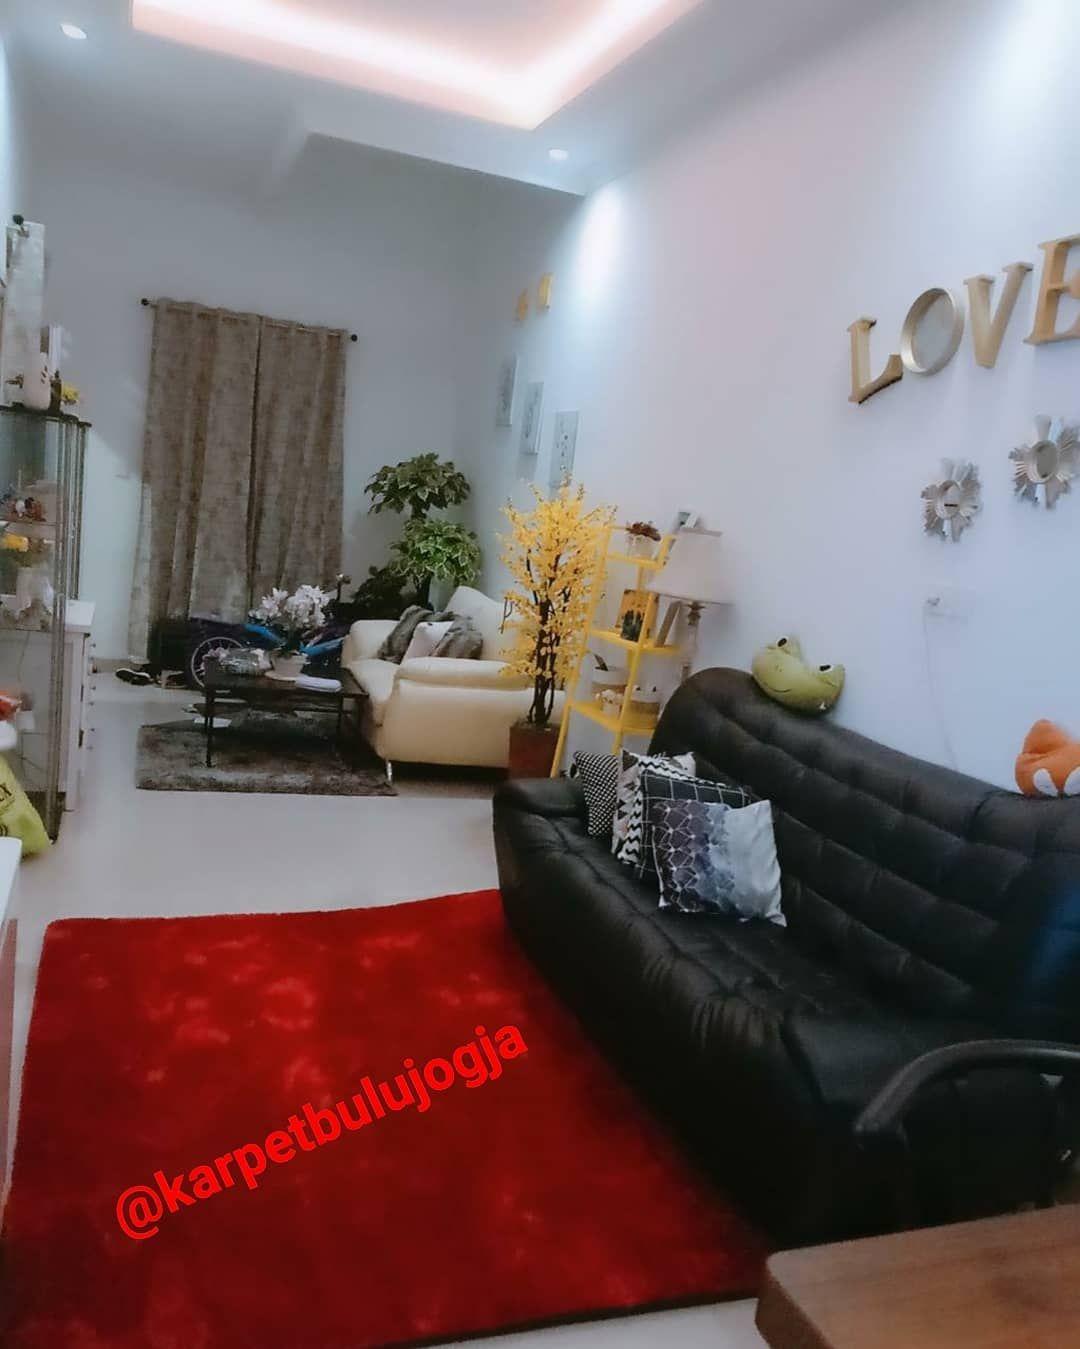 Percantik Rumahmu Dgn Karpet Baru Karpet Bulu Rasfur Murah Kualitas Premium Yg Lembut Dan Nyaman Dikulit Tidak Bikin Alergi Dan Aman Home Decor Decor Furniture